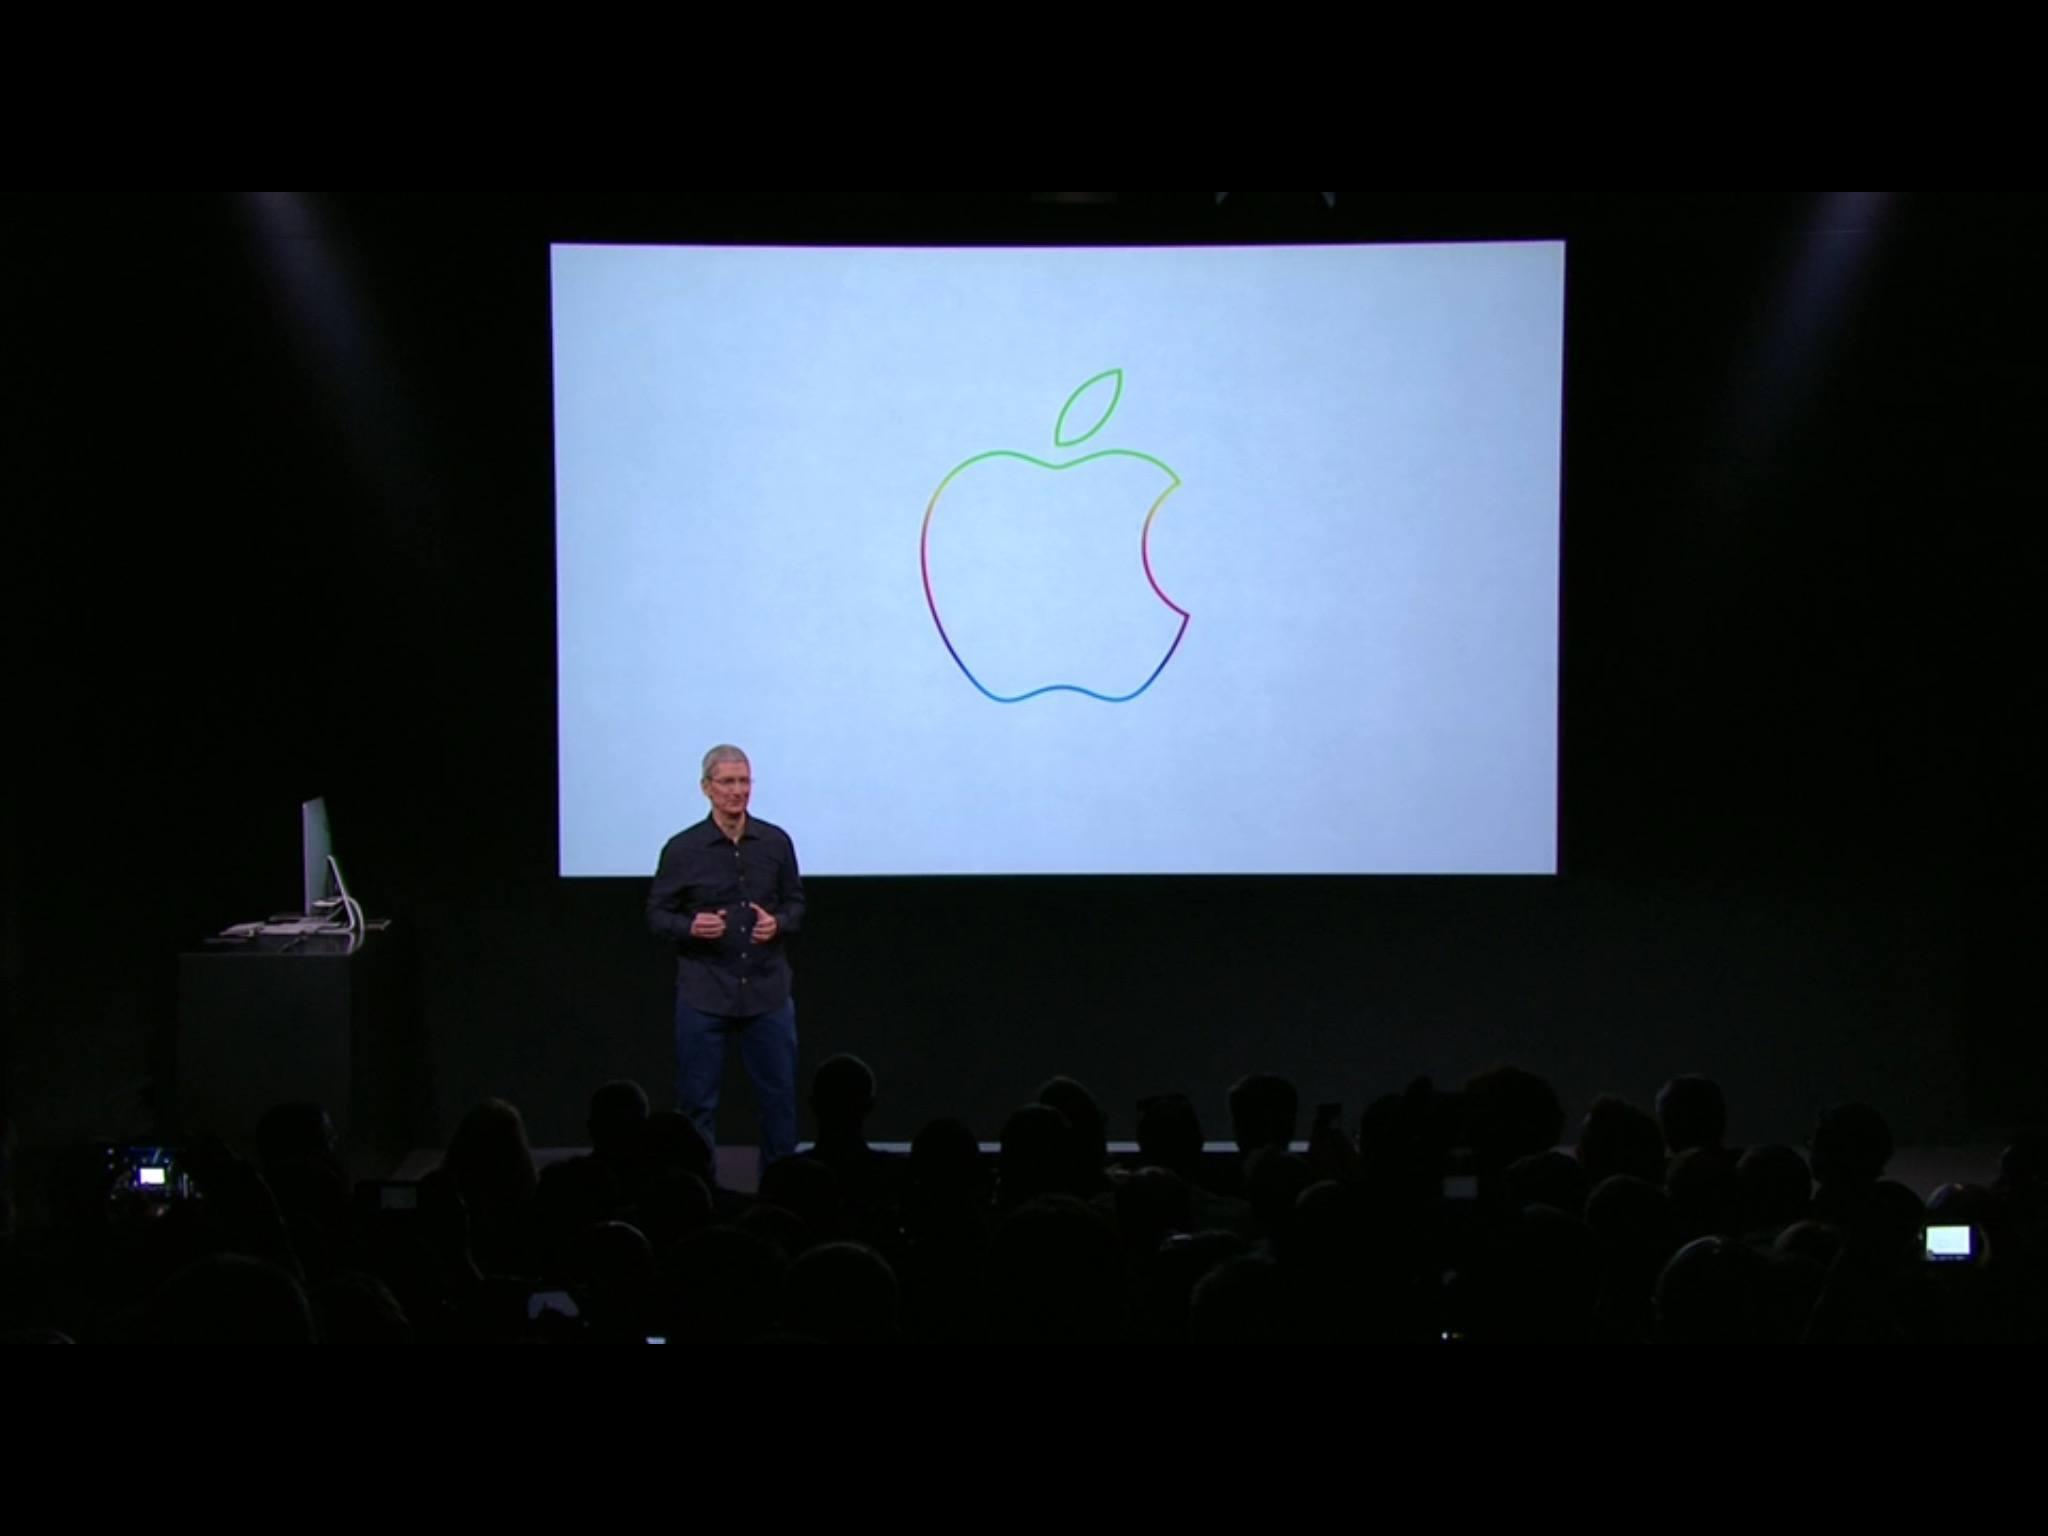 apple-16-ekim-ipad-mac-etkinlik-tim-cook-161014